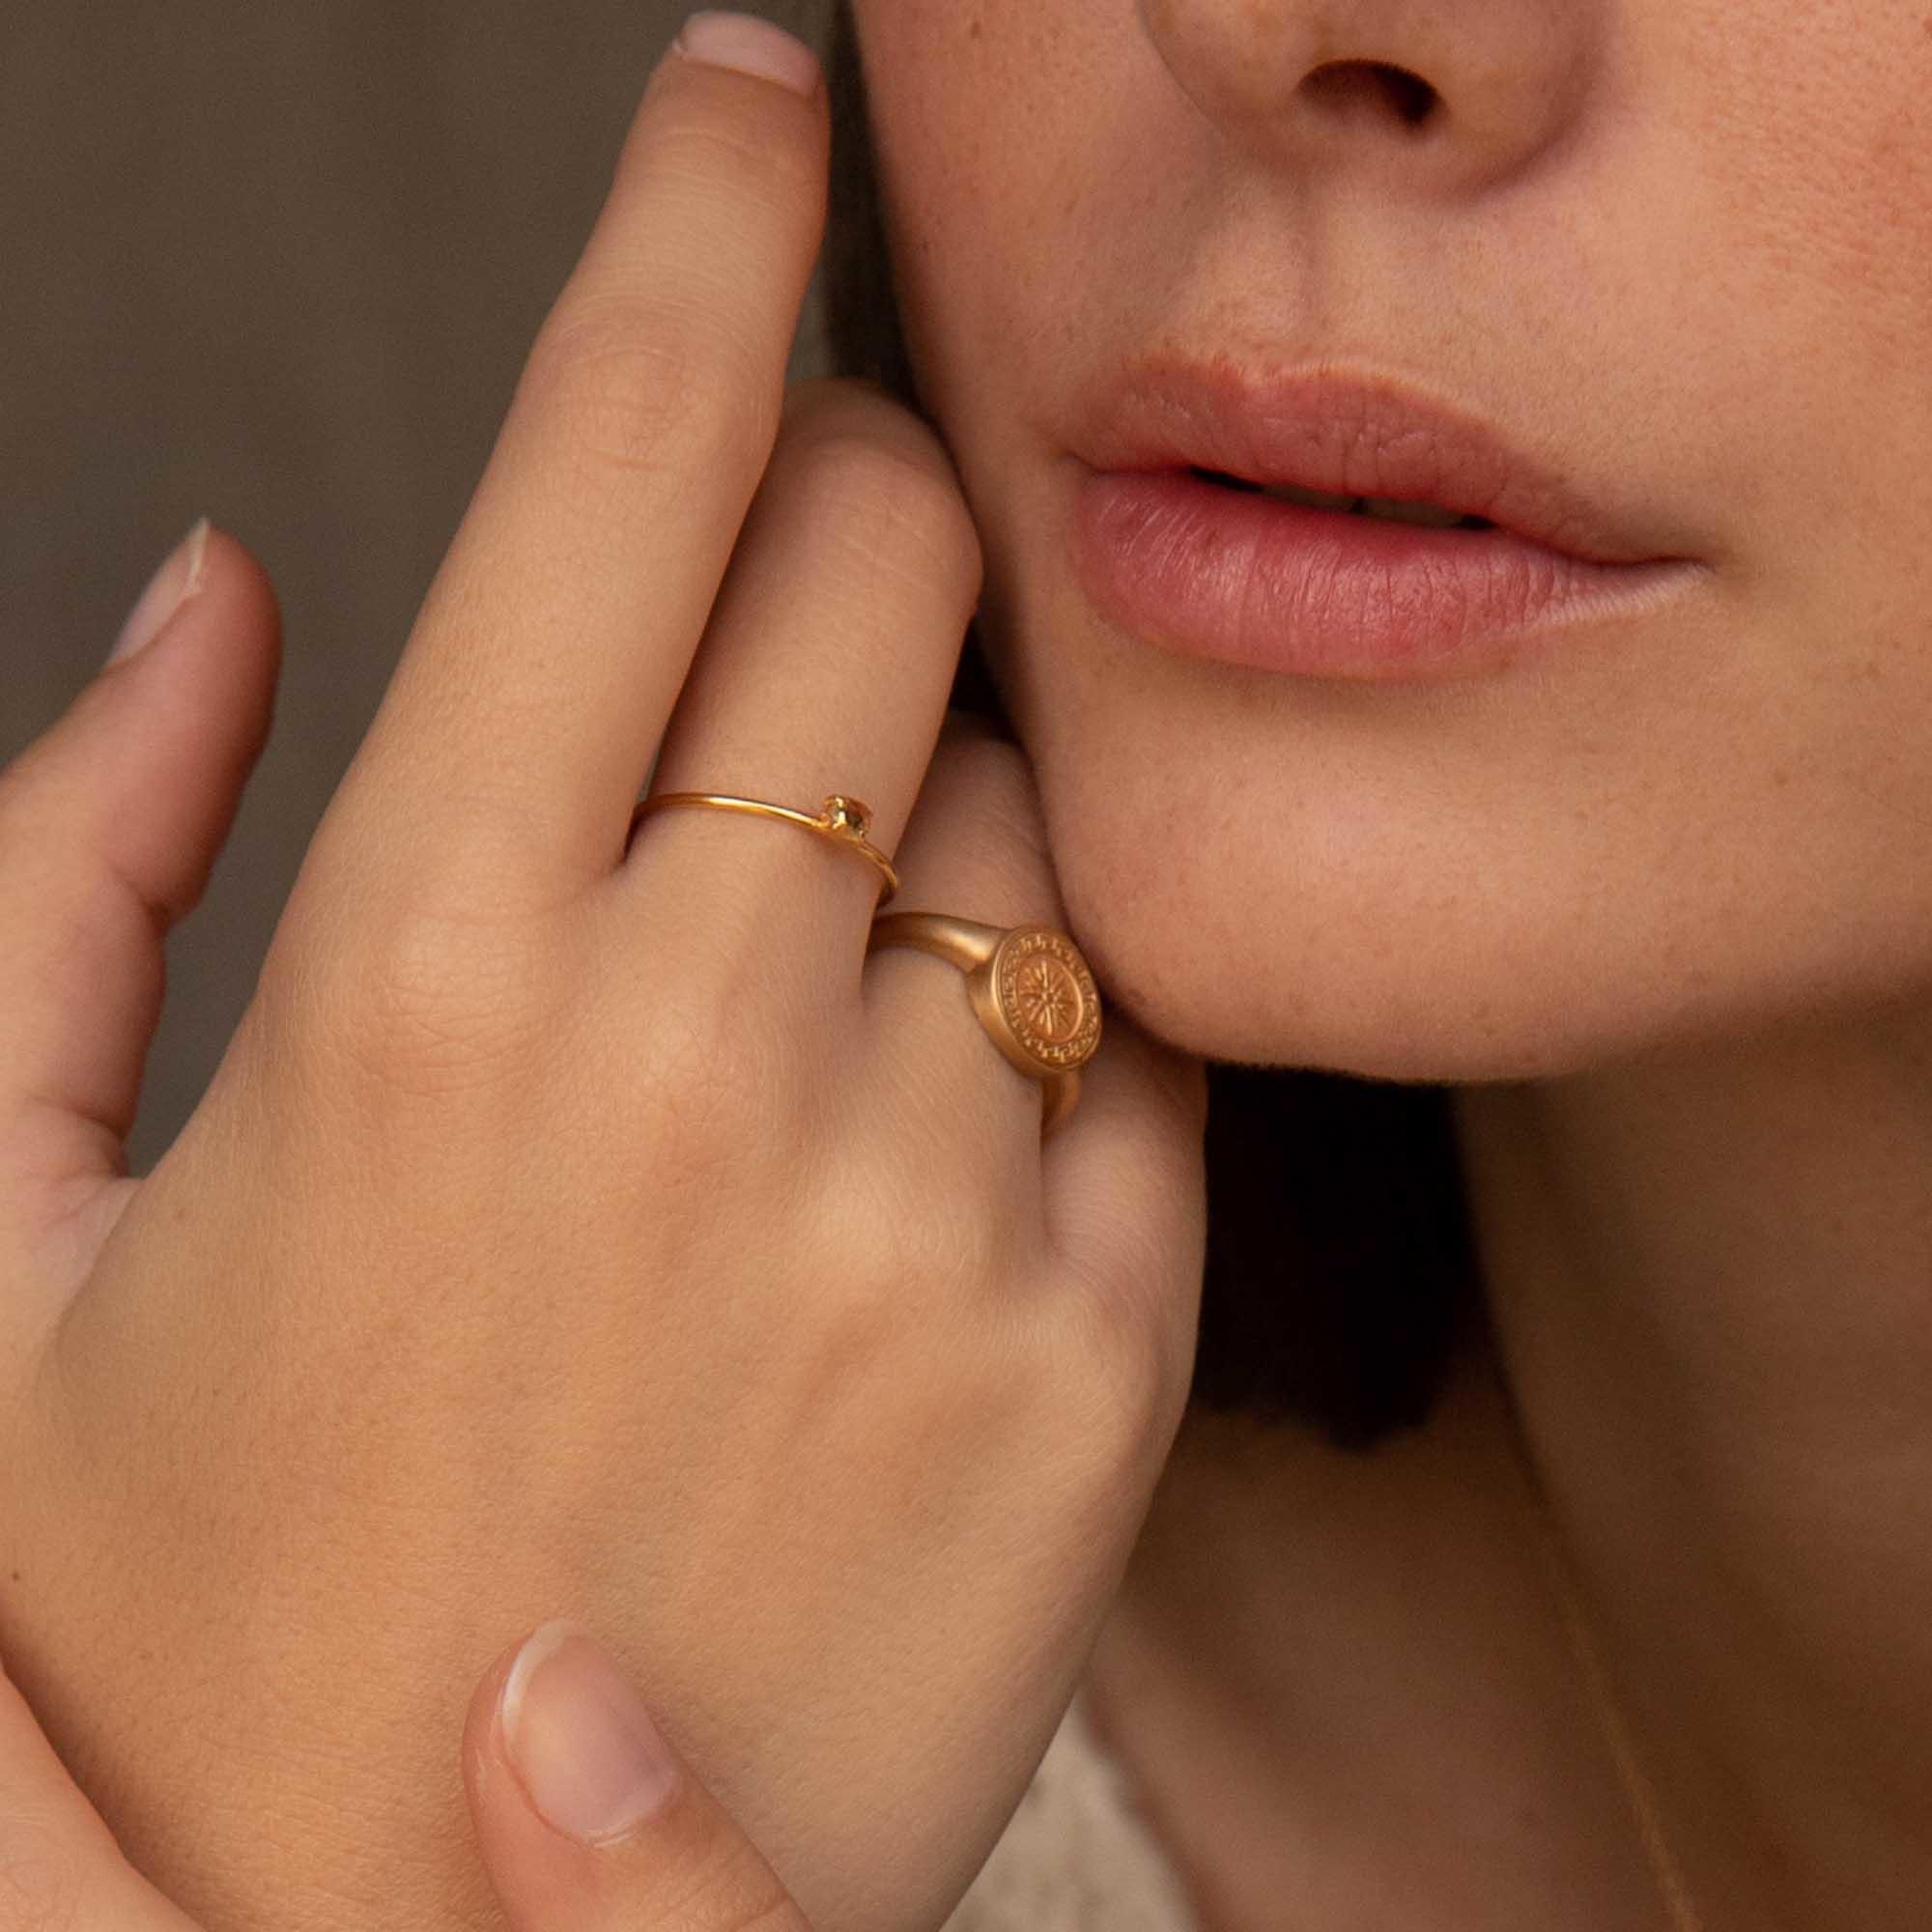 Violet Hamden Athens 925 sterlingsølv guldfarvet ring